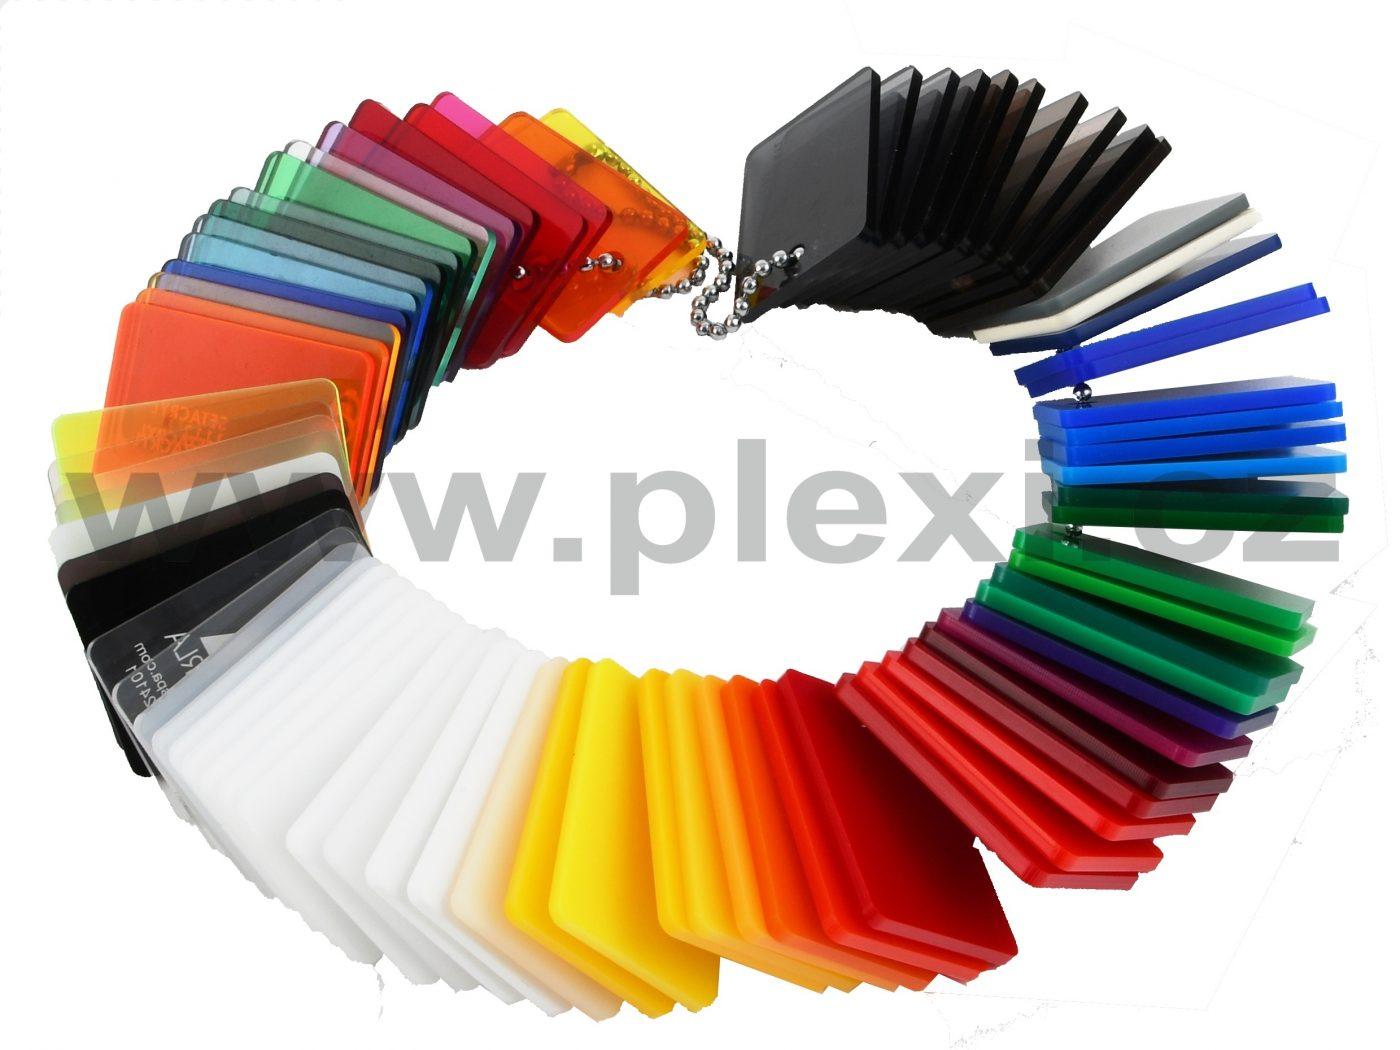 Barevné plexi Setacryl, vzorky barev plexiskla